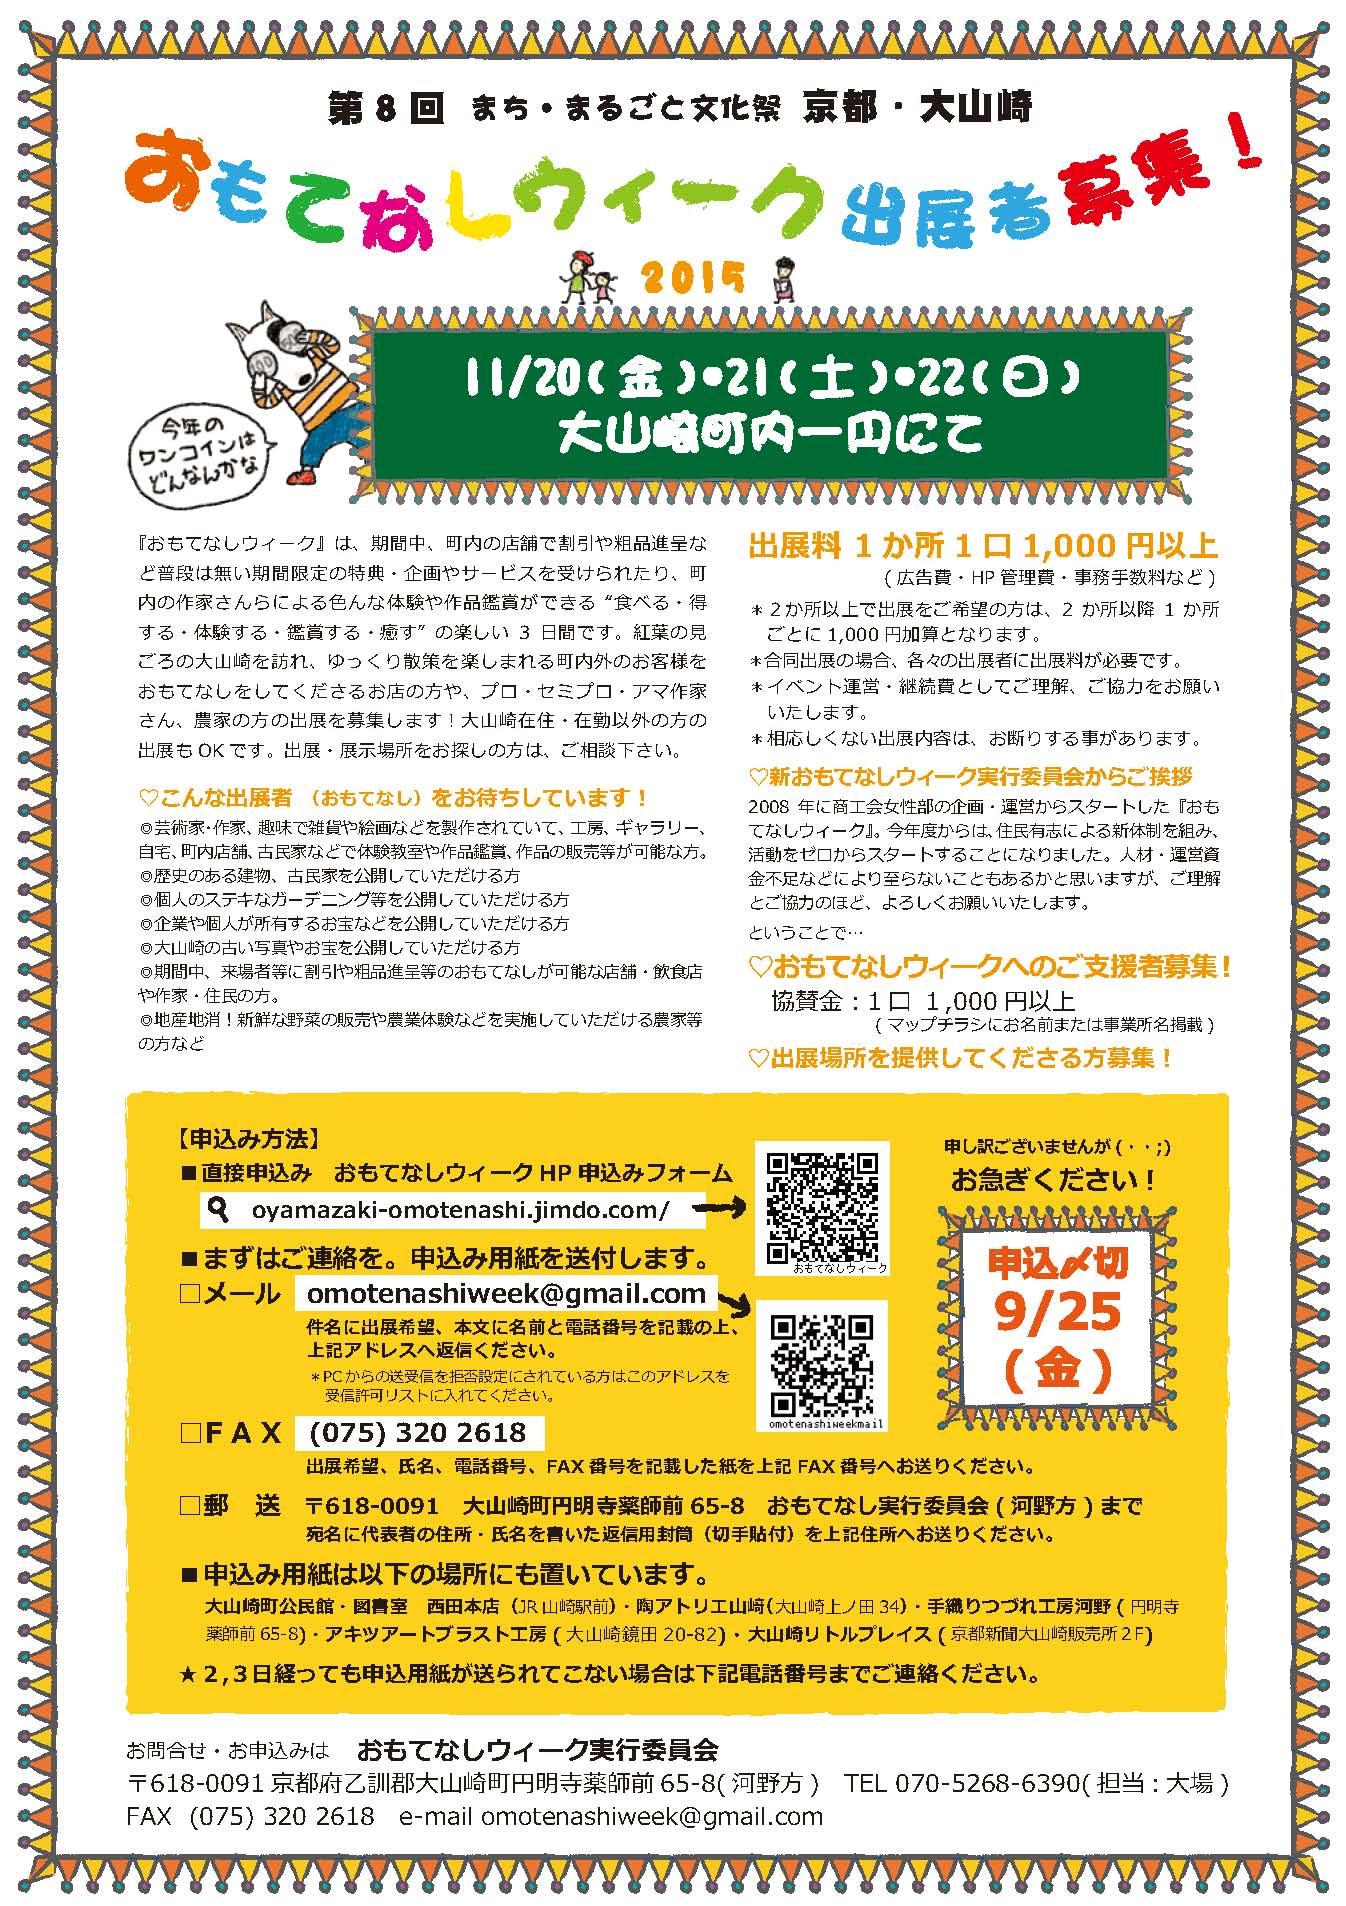 京都・大山崎おもてなしウィーク11月20日(金)〜22日(日)